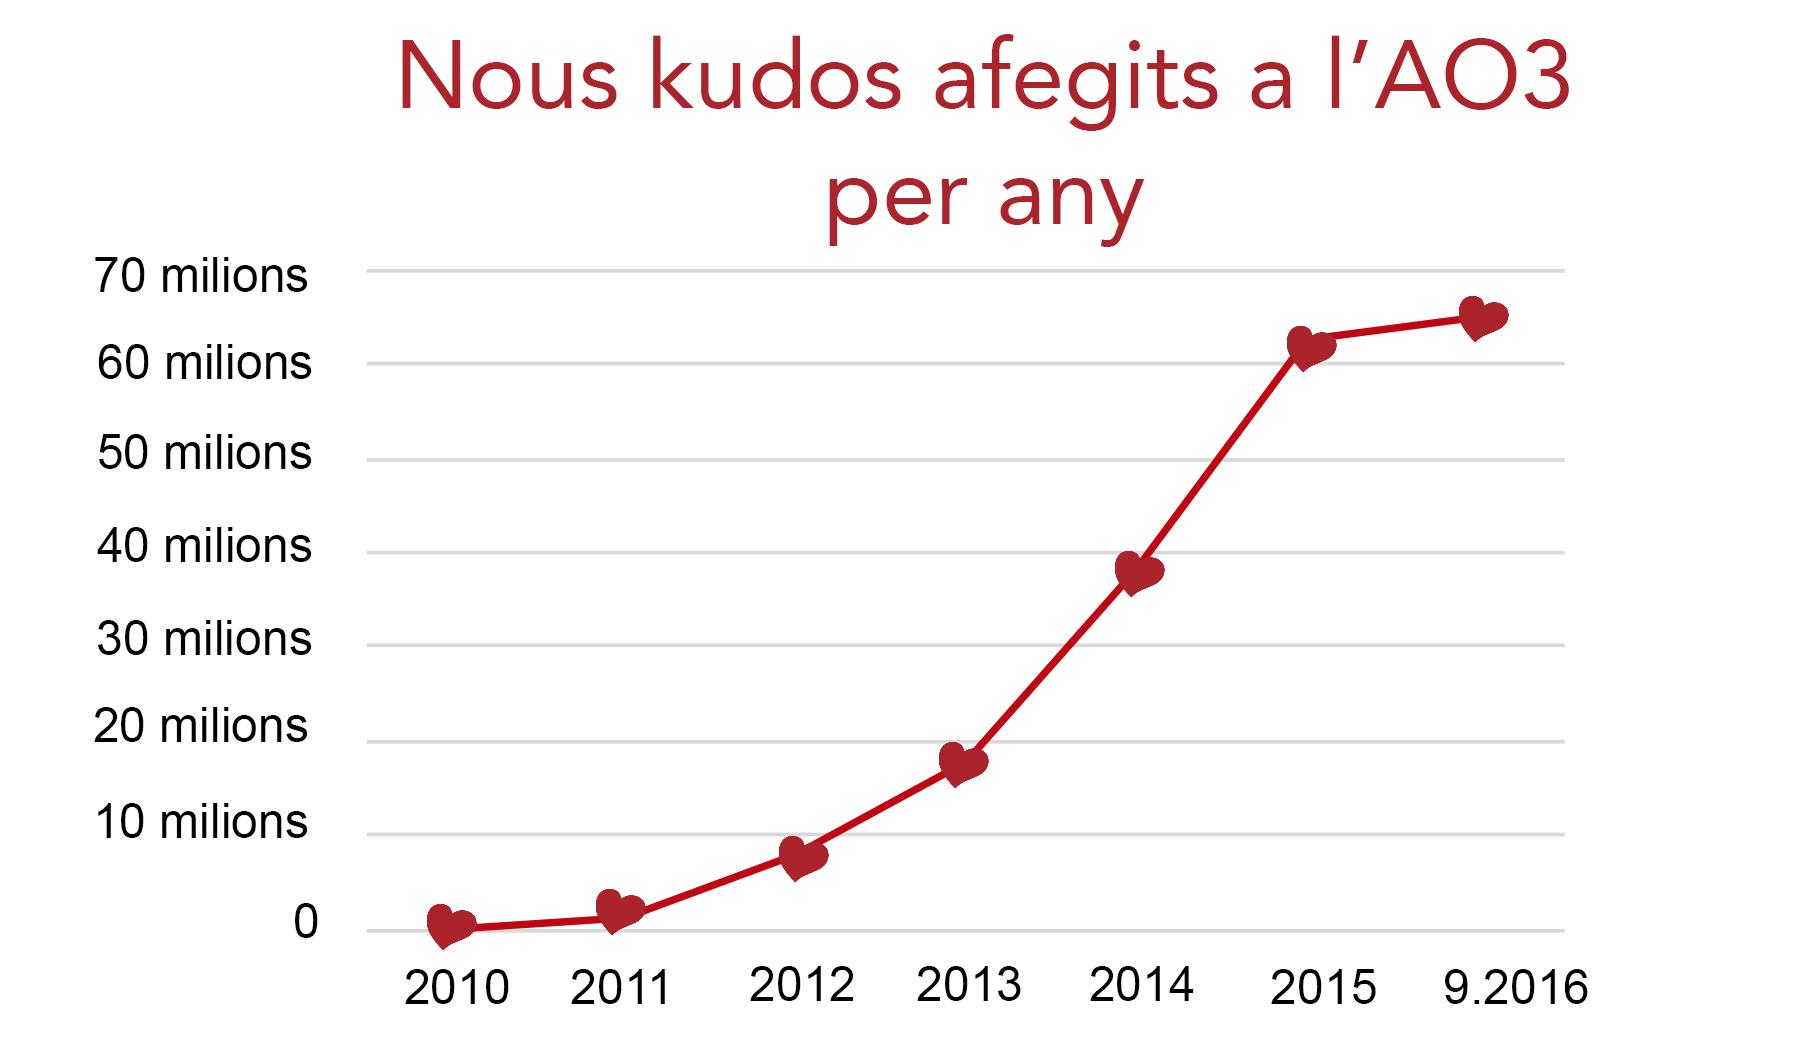 Gràfic de l'augment de Kudos a l'AO3, des de zero l'any 2010 fins a més de seixanta milions al setembre del 2016.